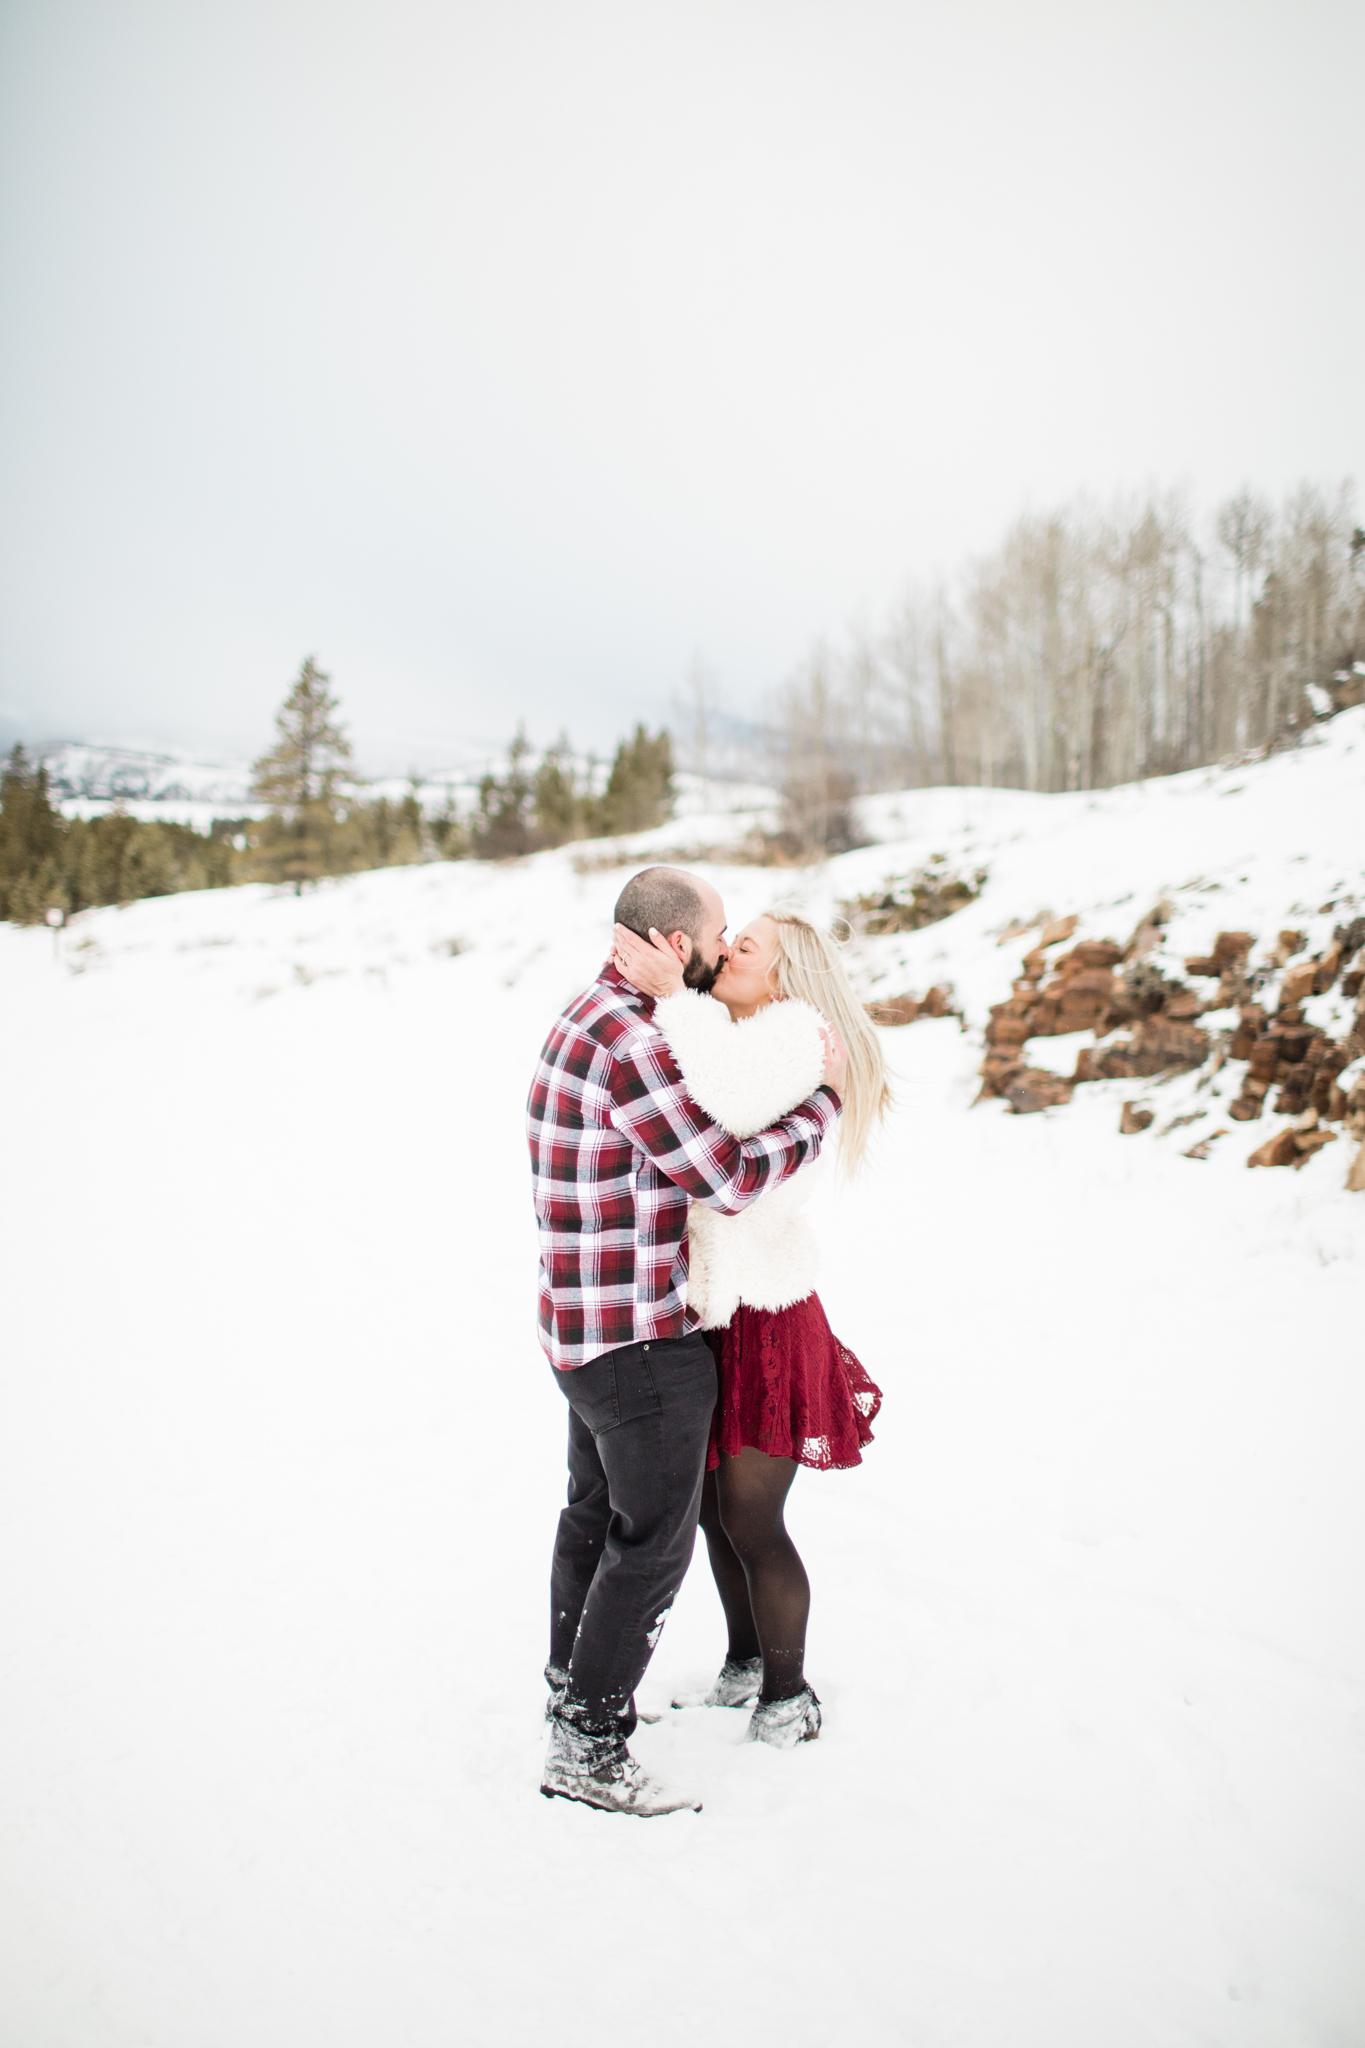 Windy_Point_Breckenridge_Winter_Proposal_25